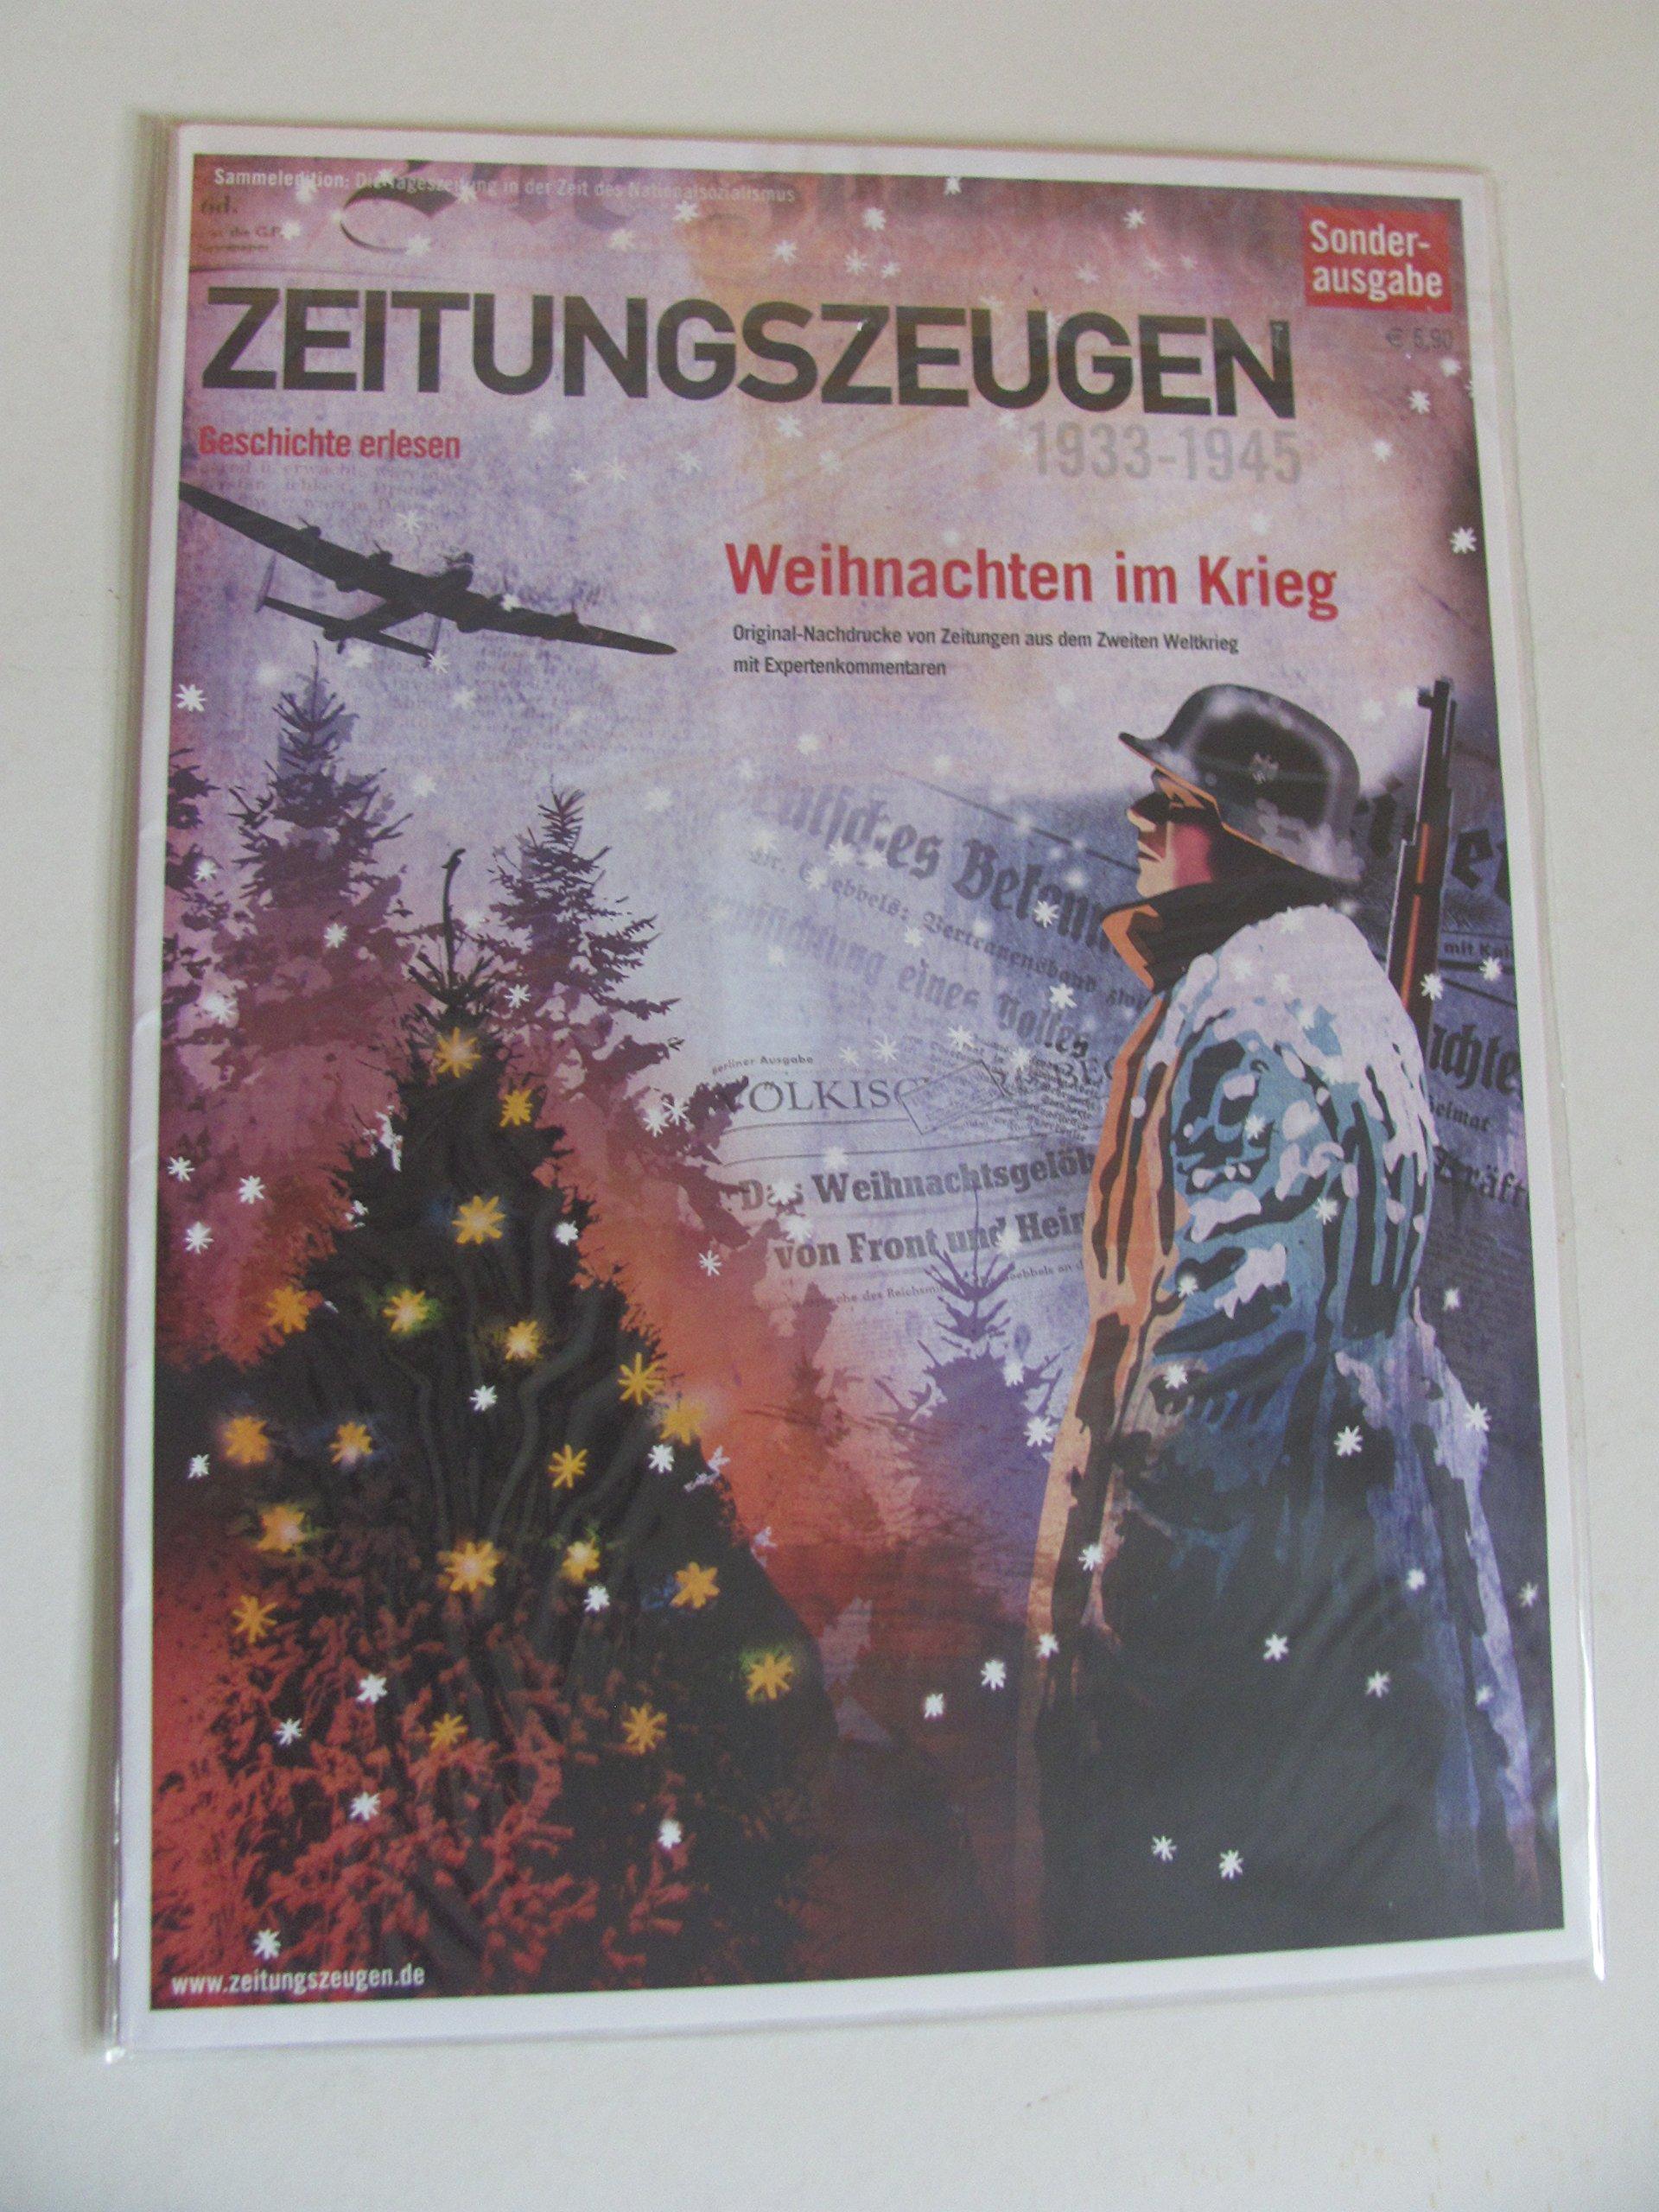 Zeitschrift - Zeitungszeugen Nr. 6, 32, 36, 39, 40, 41, 42, 43, 44, 45, 46, 47, 48, 49, 50